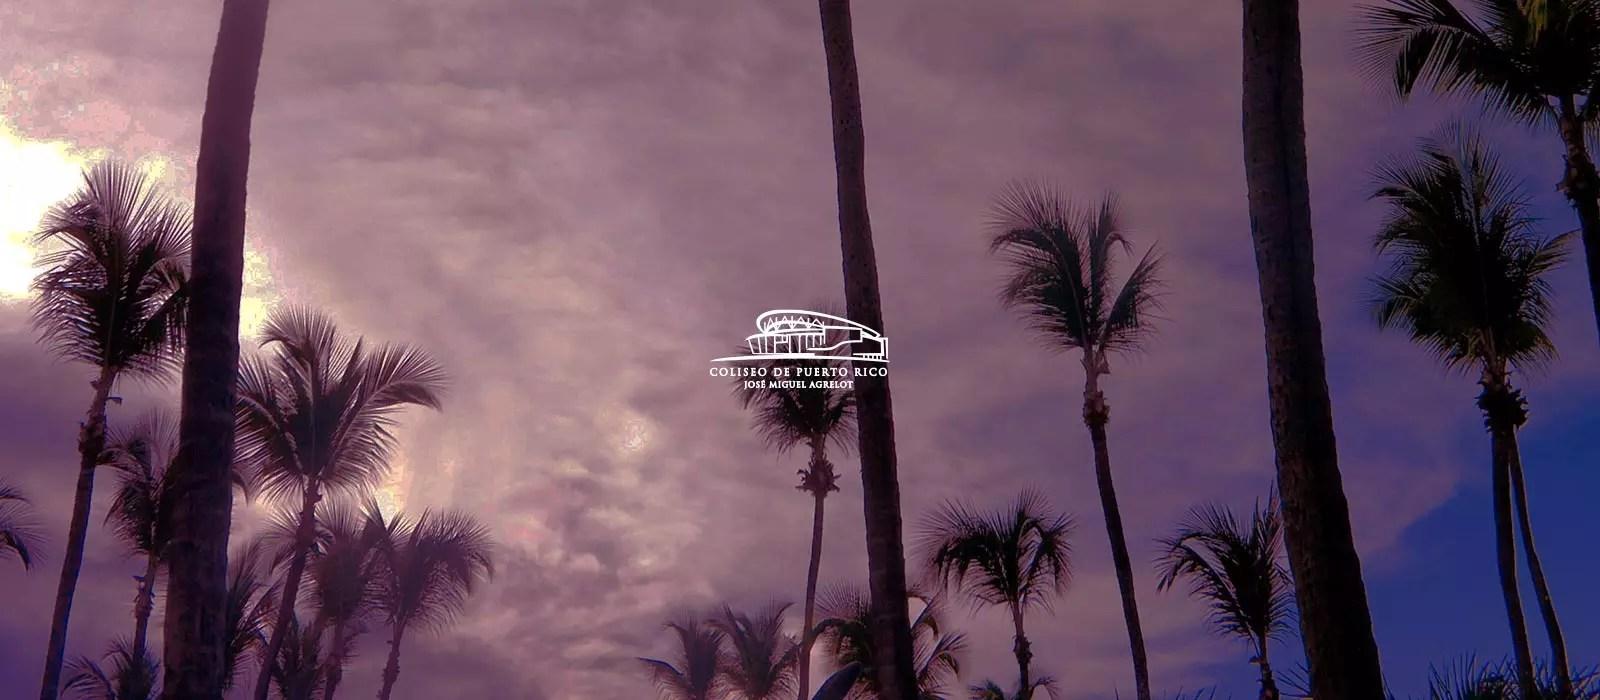 Coliseo de Puerto Rico